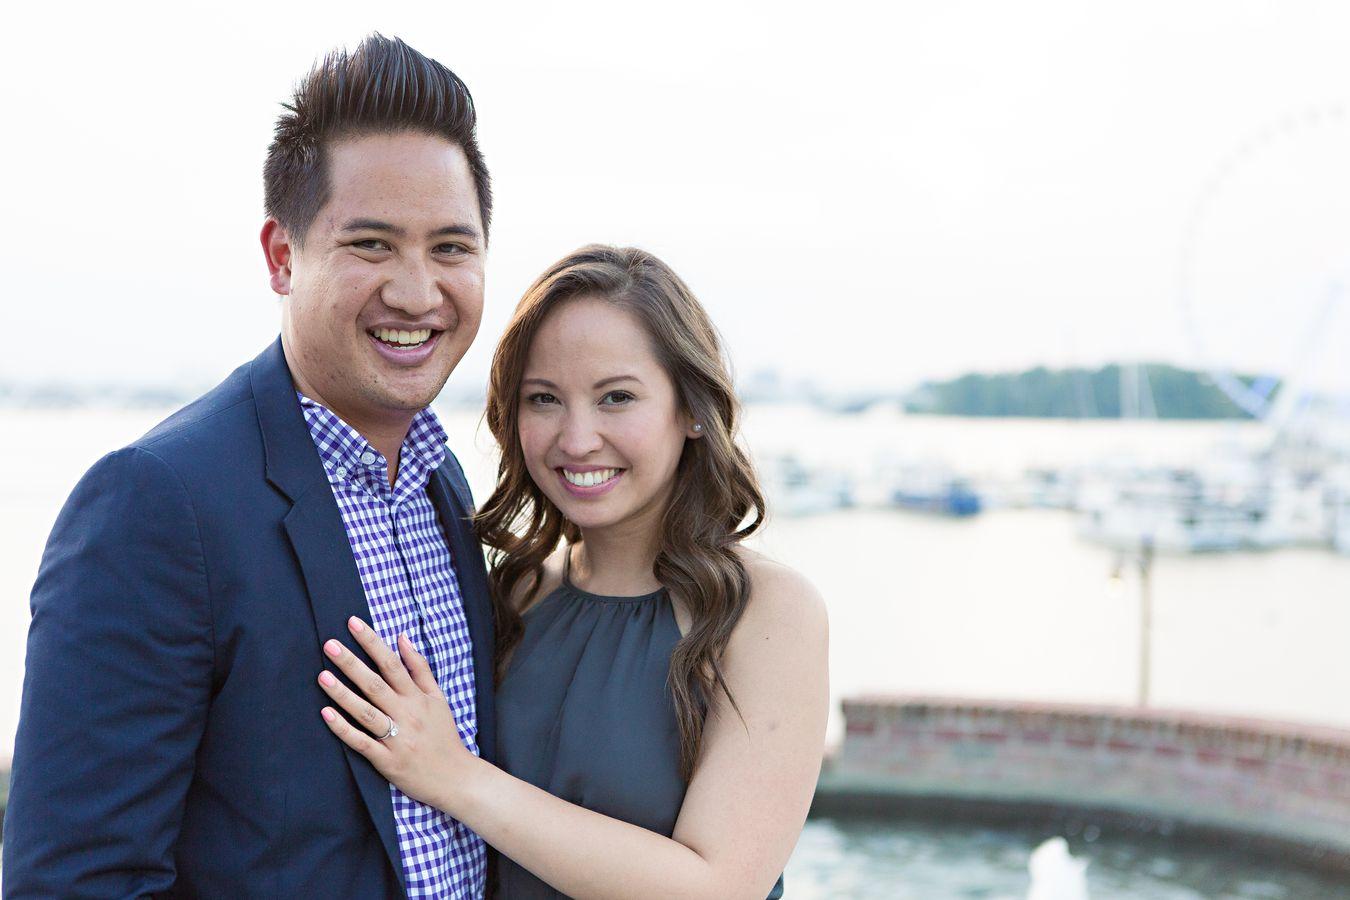 Michelle + Frank's surprise proposal14